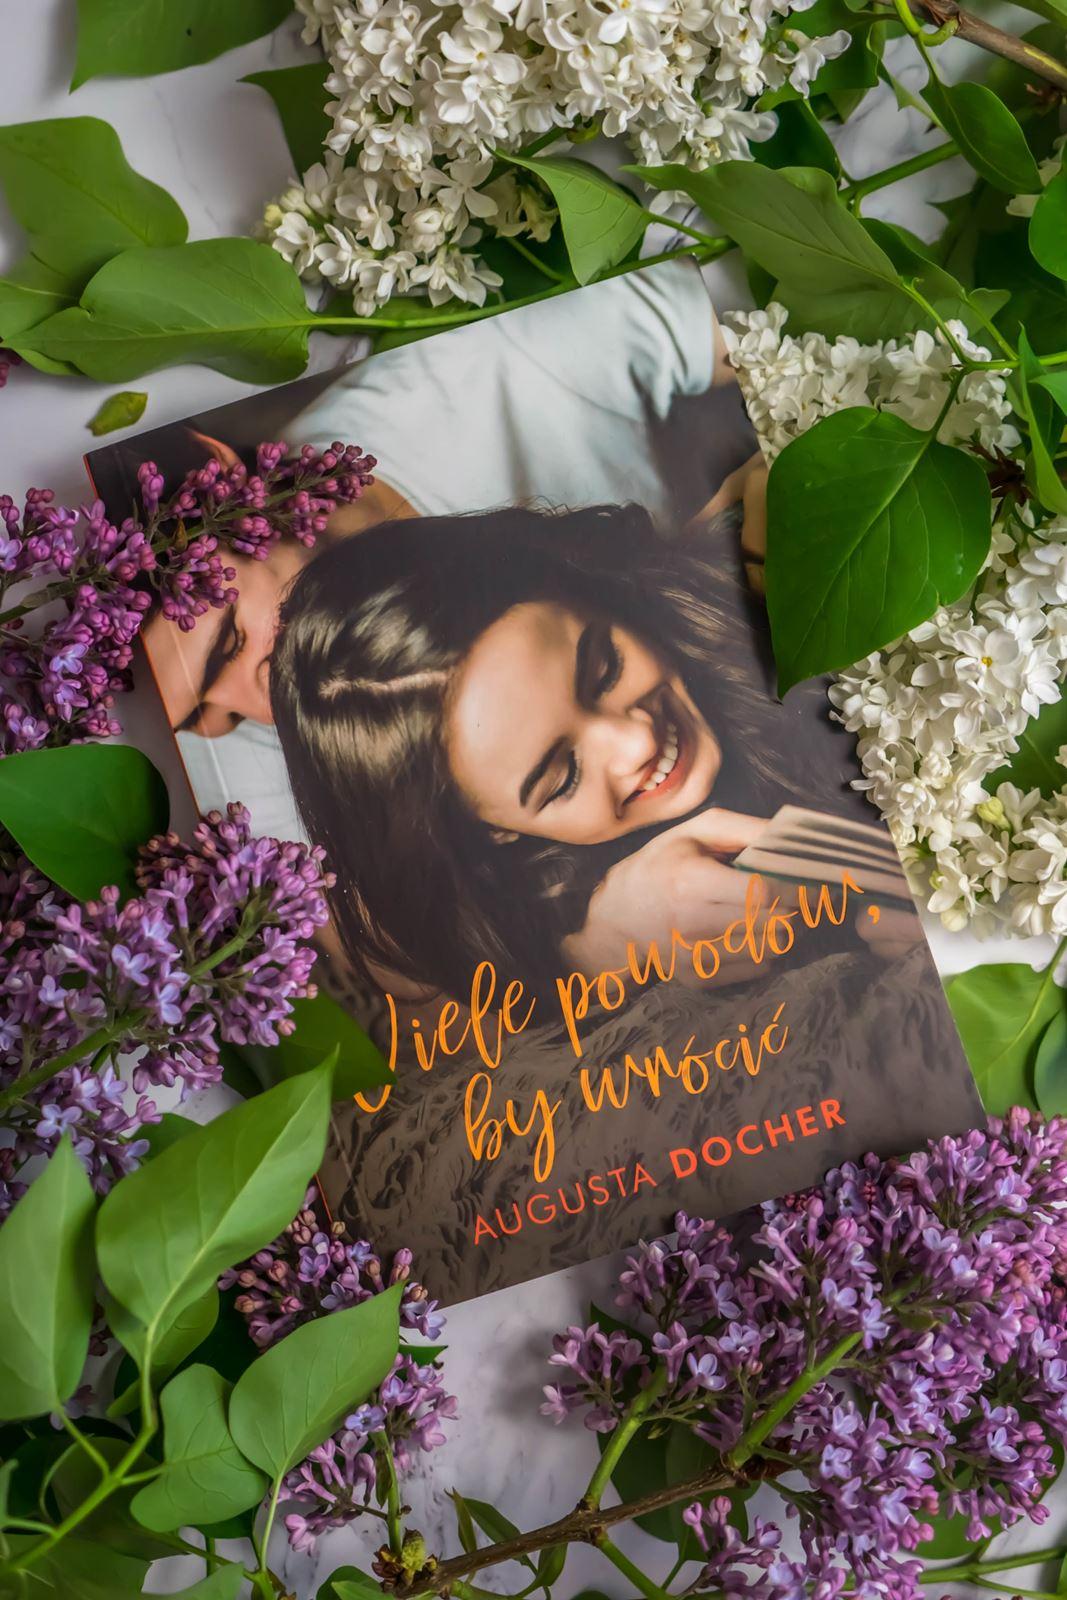 Augusta Docher wiele powrotow by wrócić opinie recenzje czytanie ksiązki polskich autorek polecane na lato blog z recenzjami ksiązek